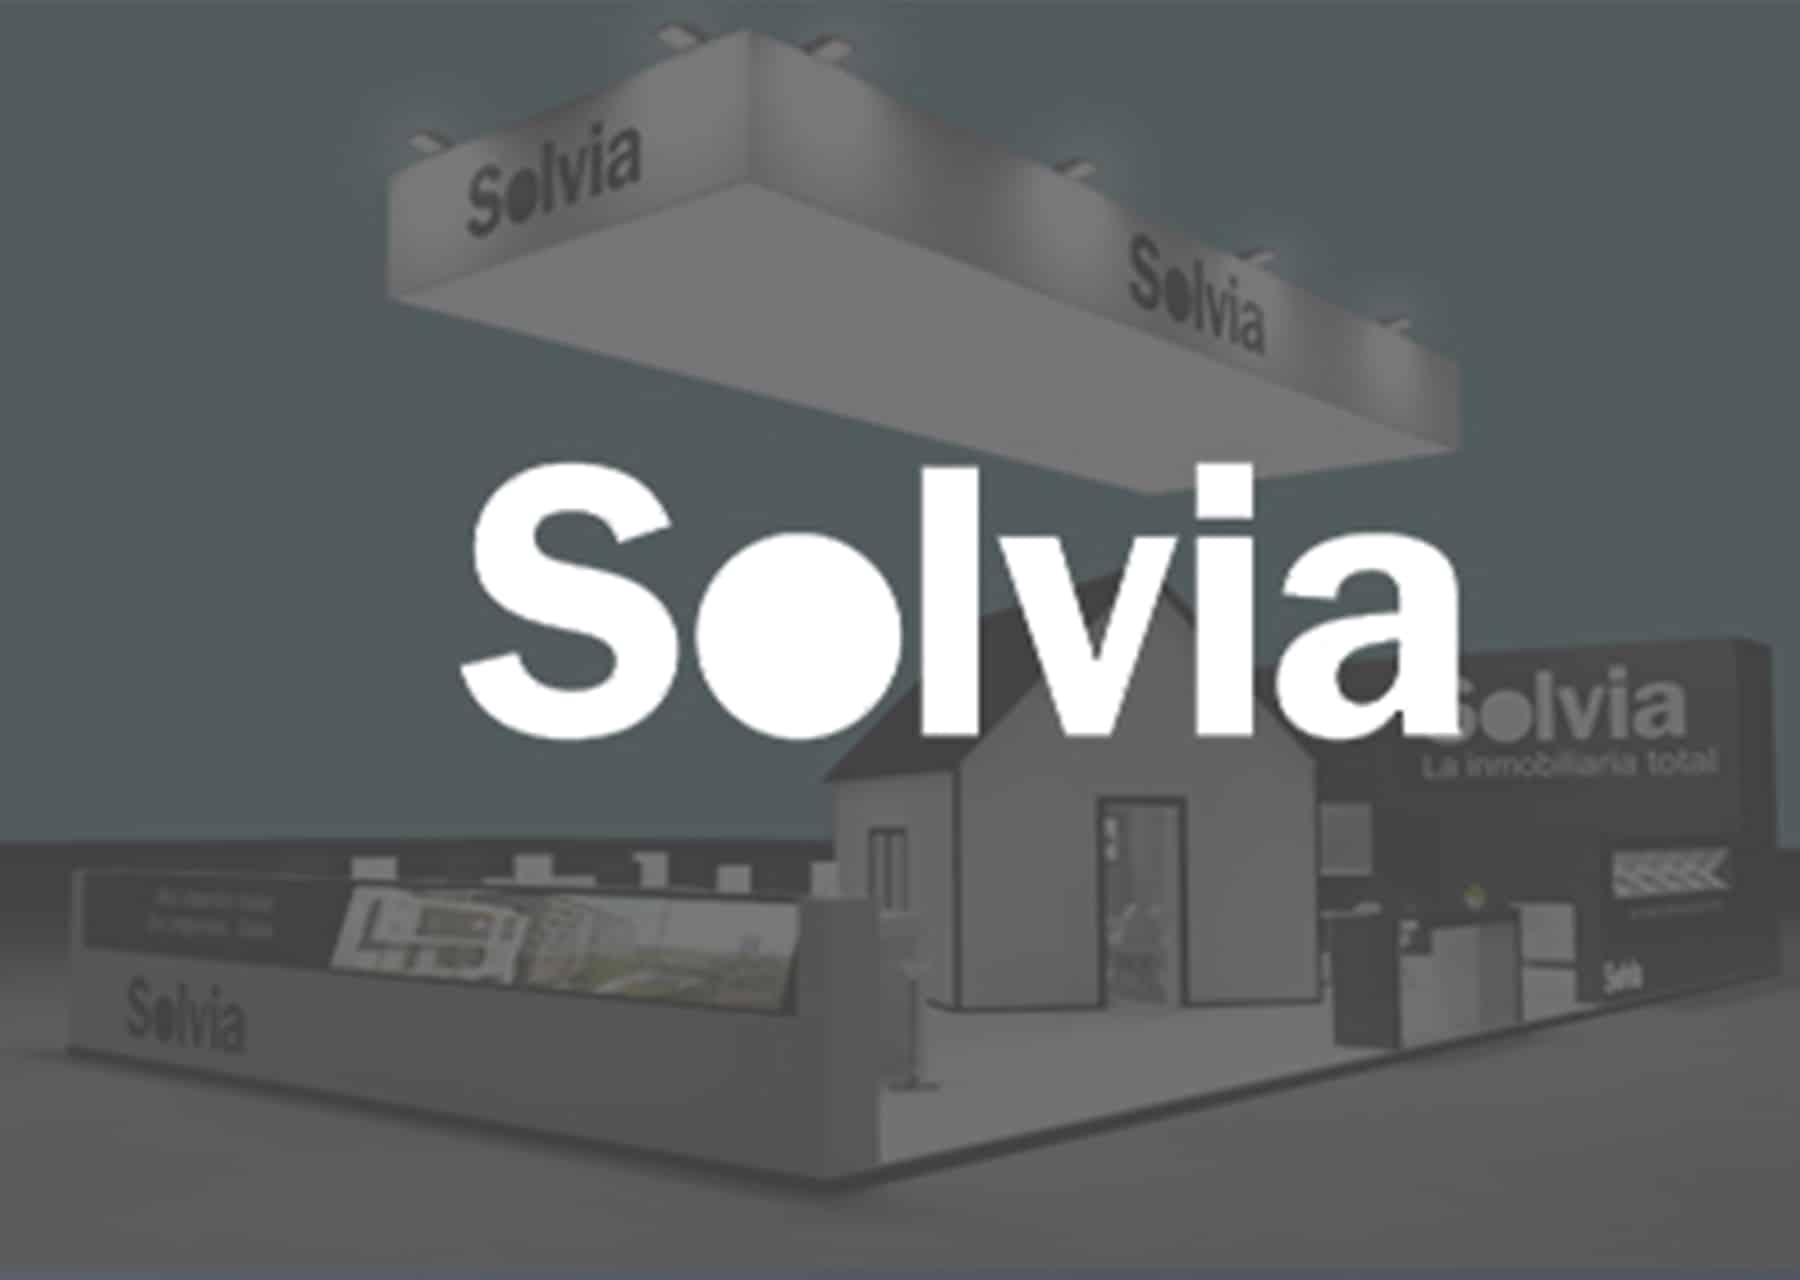 SOLVIA Cliente dvproject